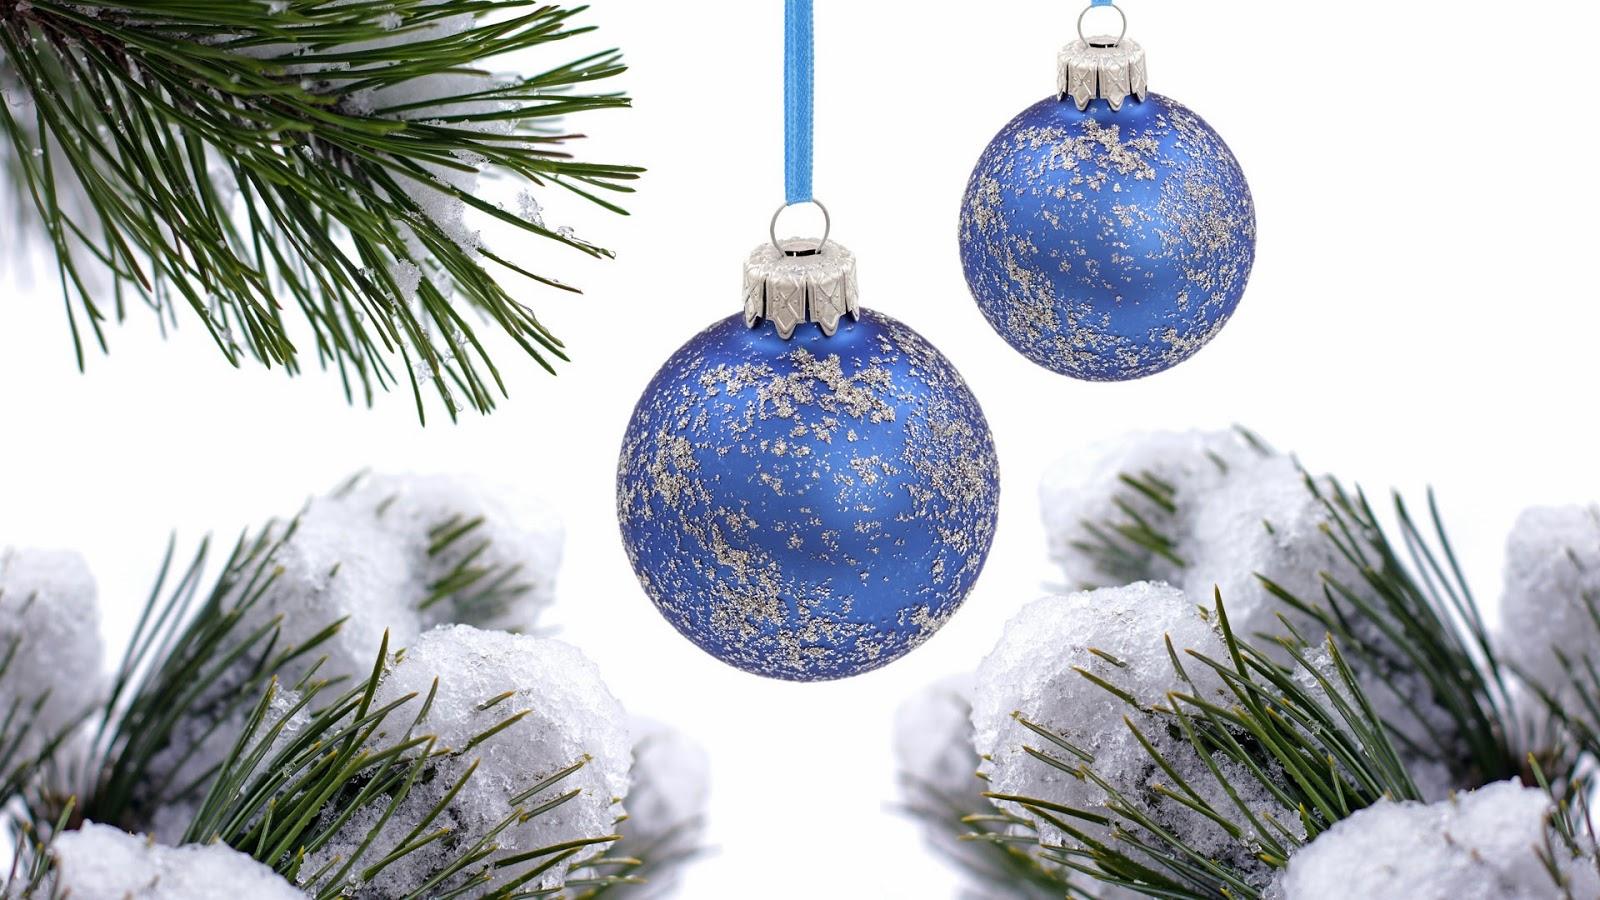 08da144c37512 Wallpapers de Navidad - Feliz Navidad - Esferas navideñas azules con fondo  blanco